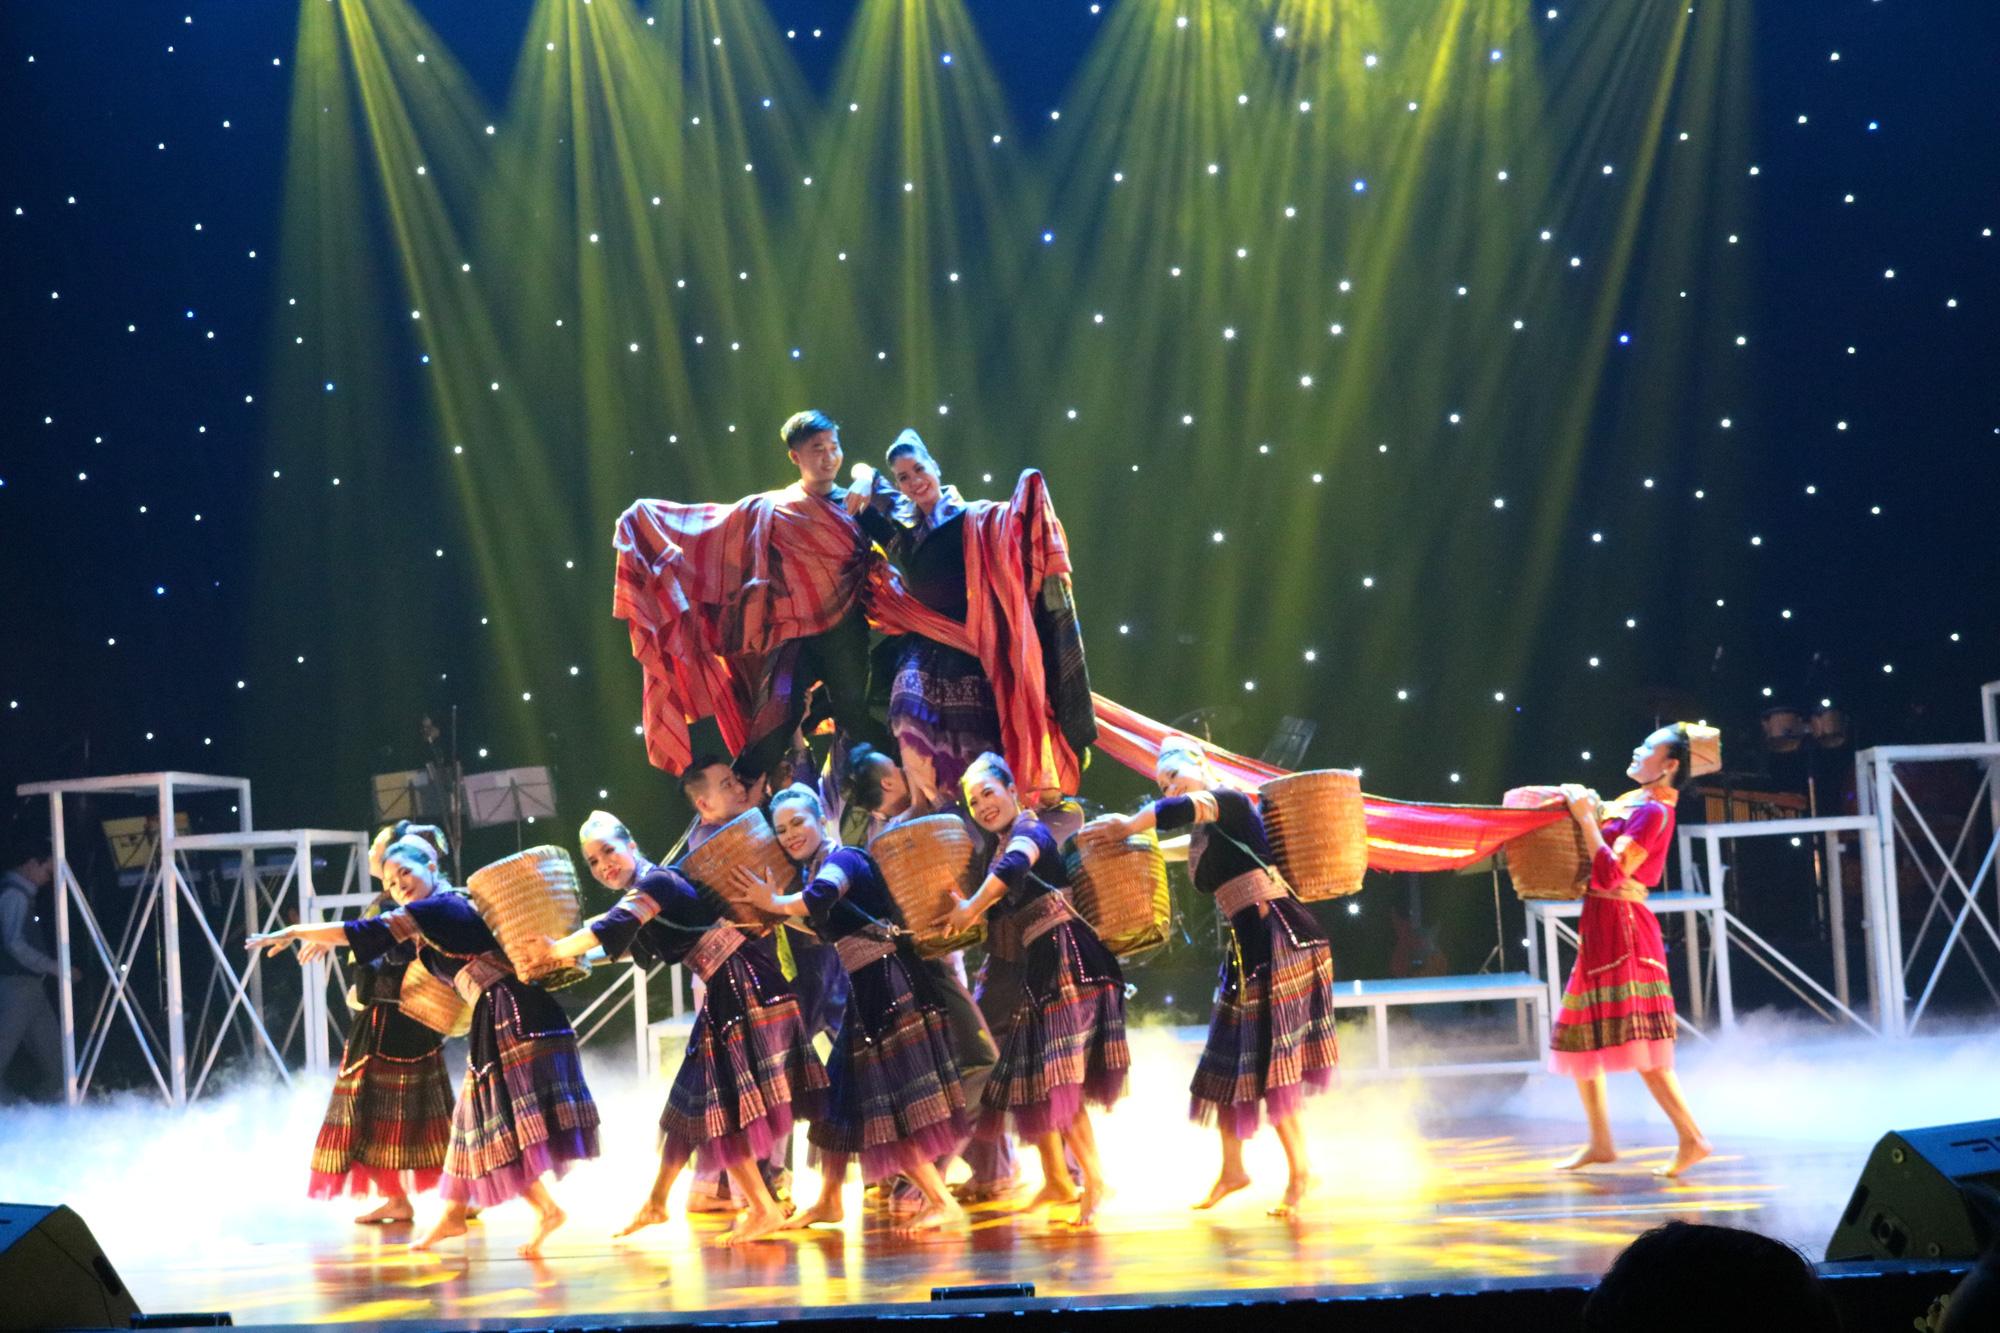 Tổ chức Ngày văn hóa Hàn Quốc tại Sa Pa - Ảnh 1.